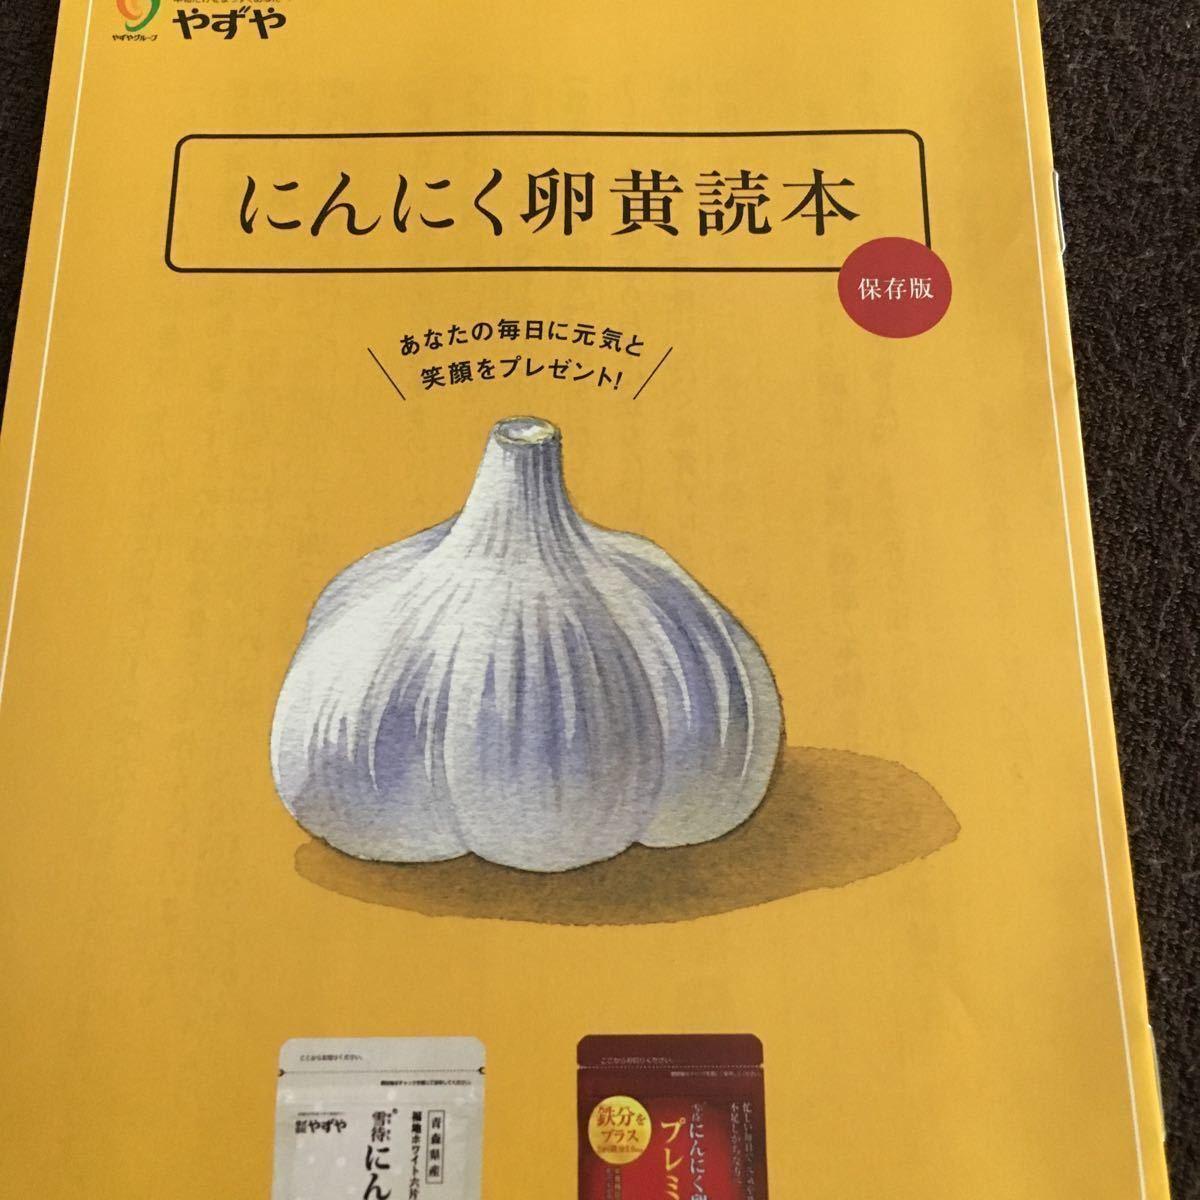 ★★ やずや 雪待 にんにく卵黄(2袋セット)☆【送料無料】_画像3